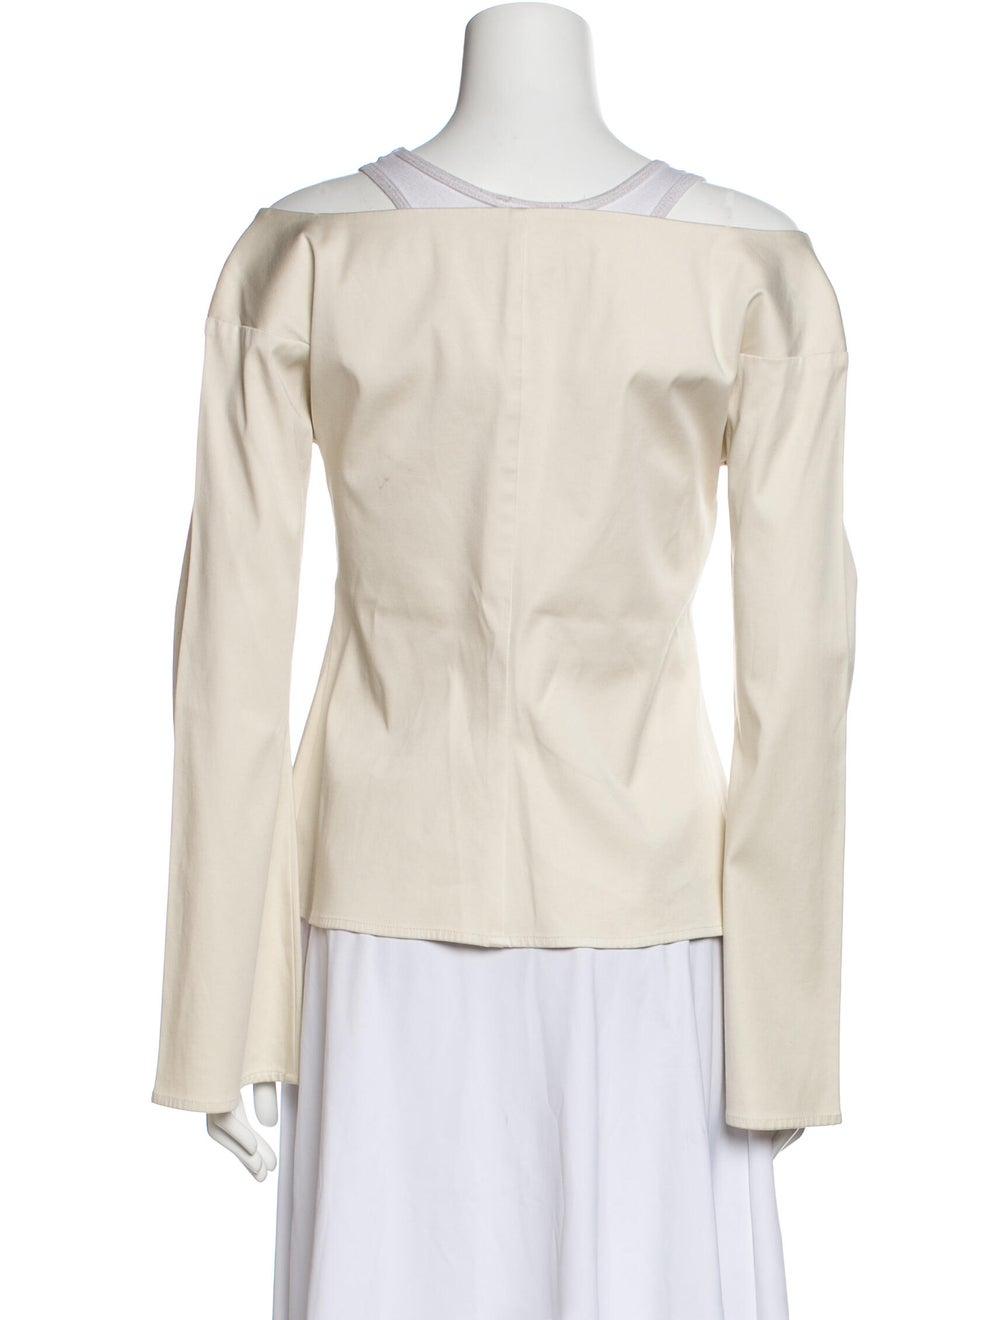 Beaufille Jacket - image 3